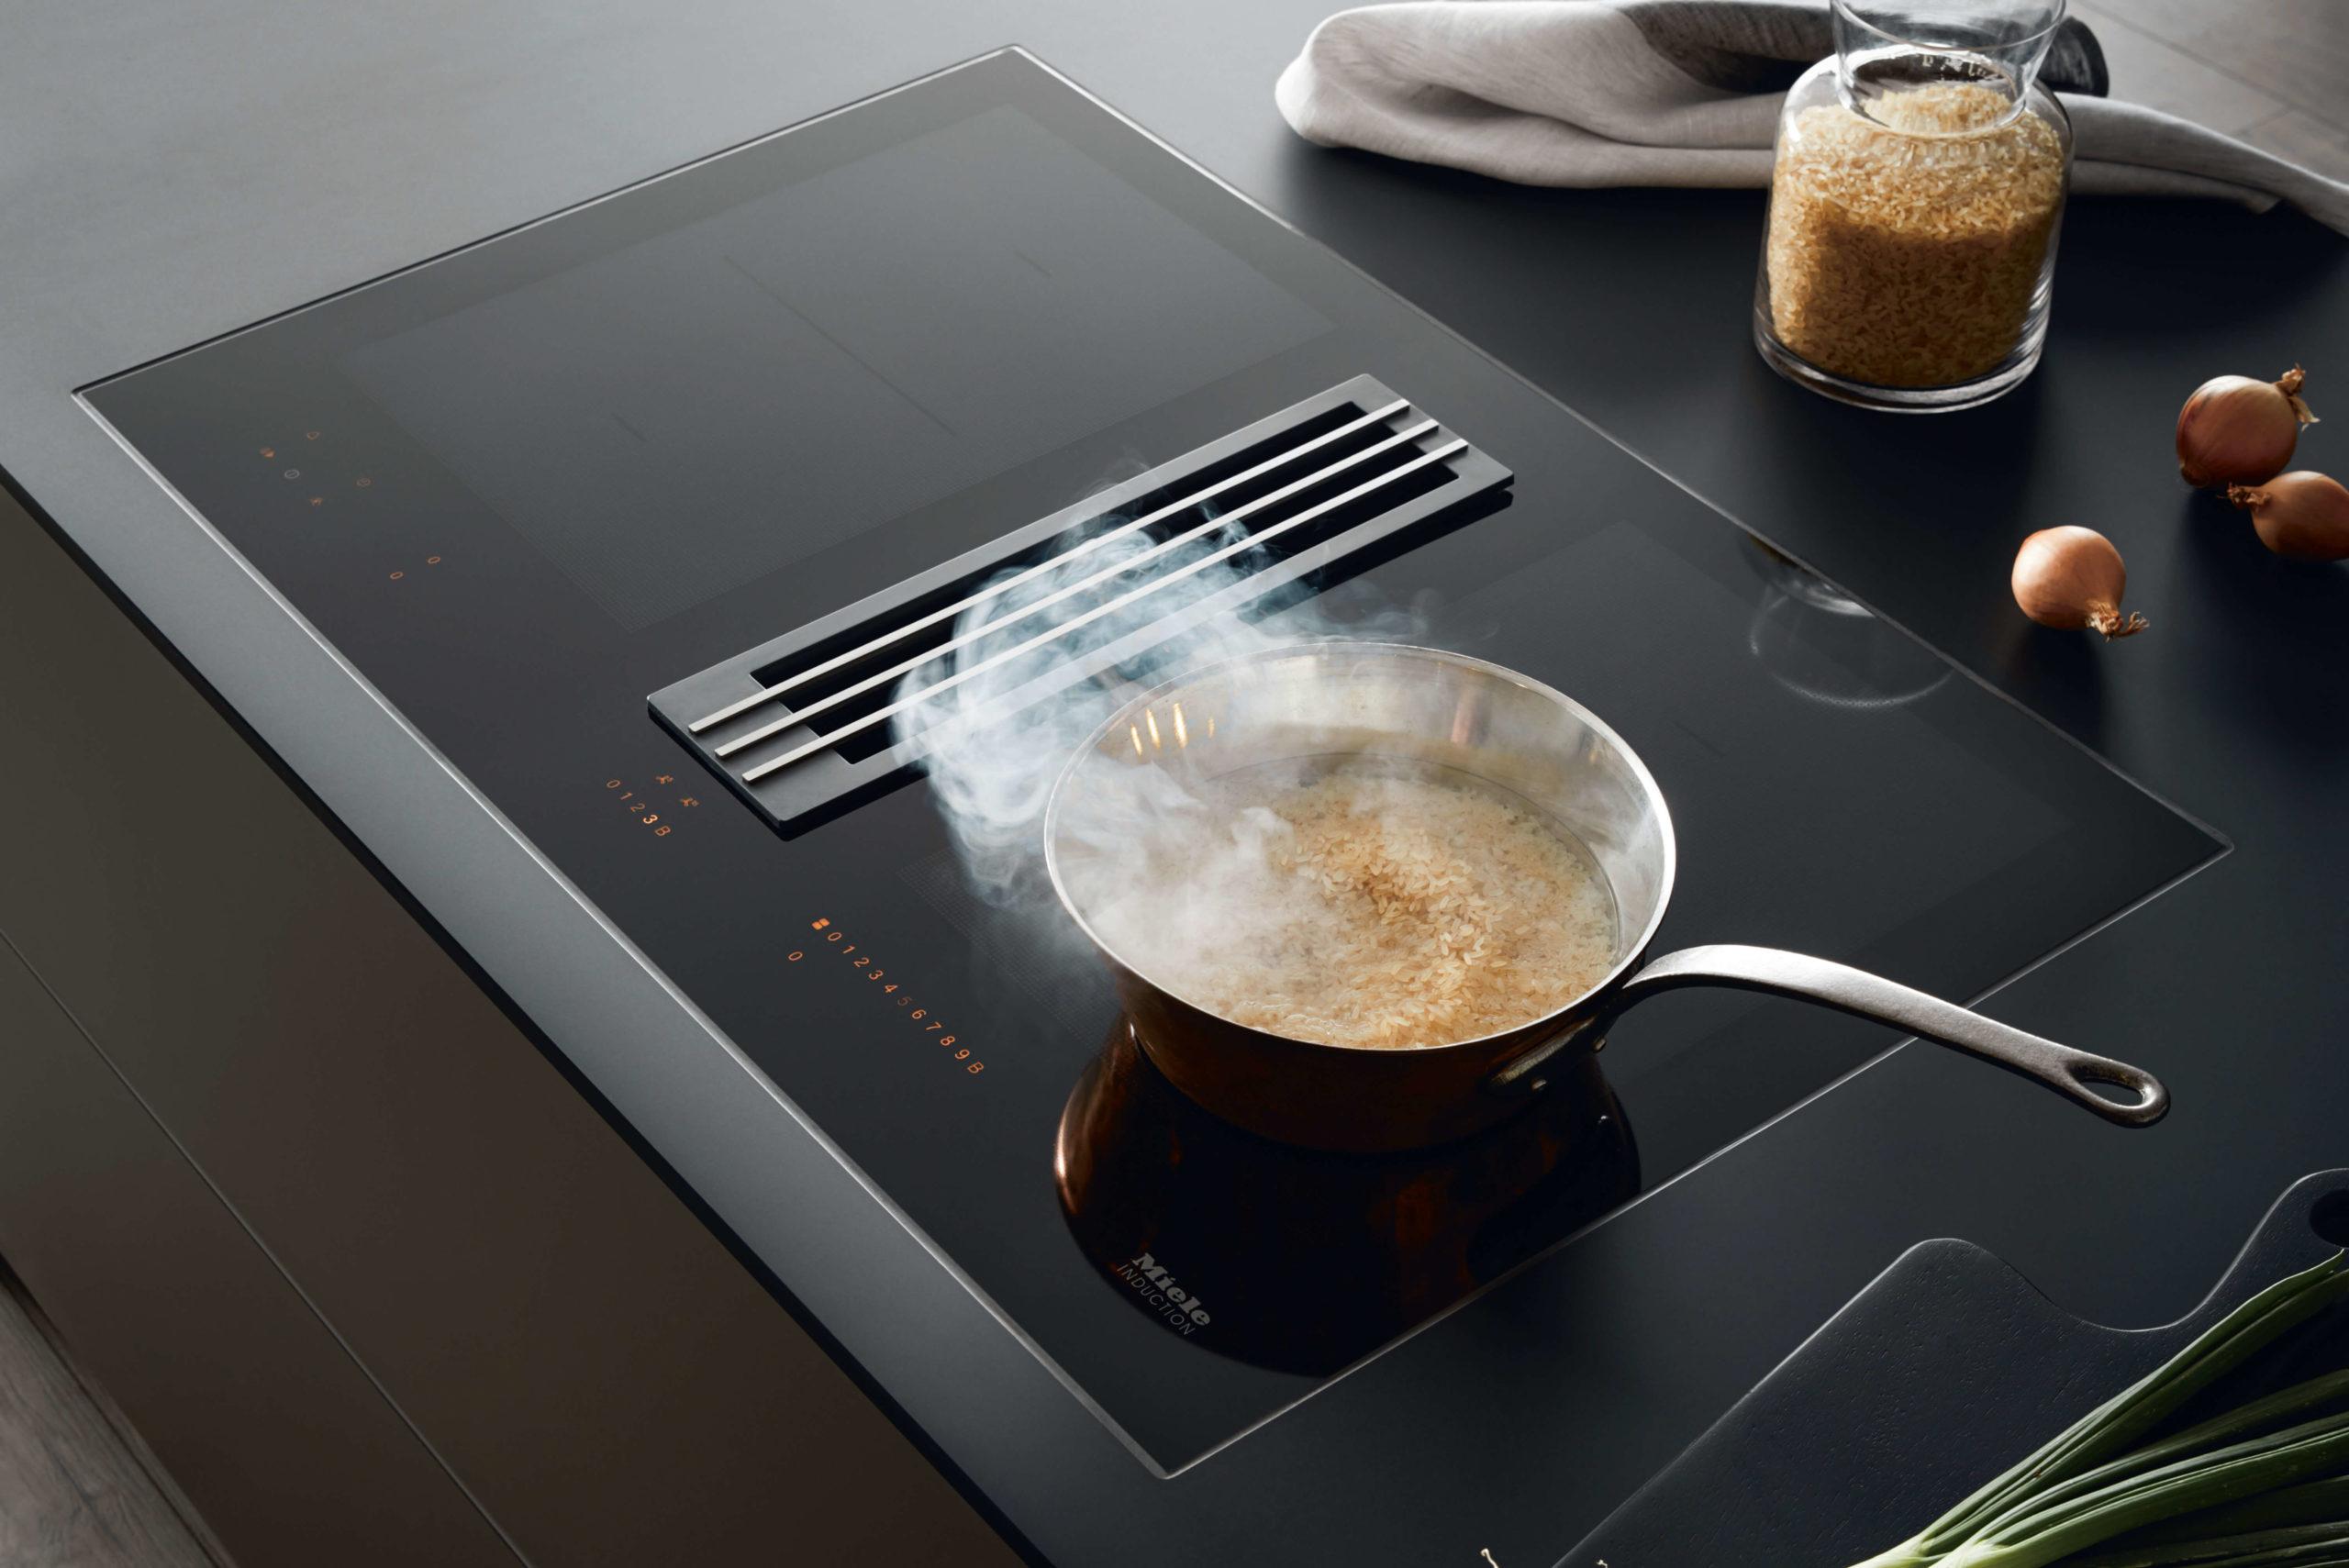 Muldenlüfter von Miele - Kochfeldabzug revolutioniert die Küche.